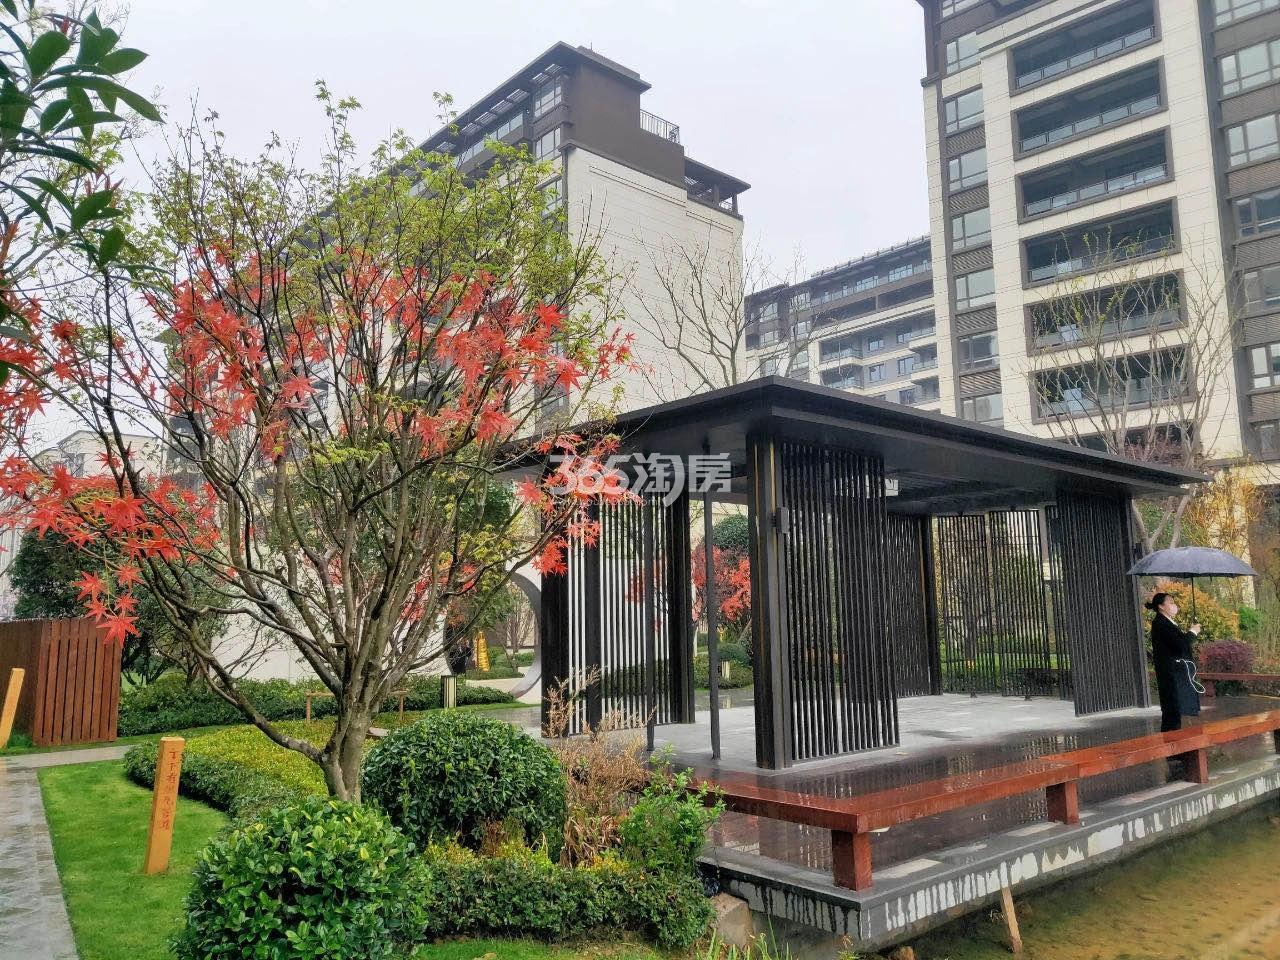 金隅紫京叠院绿化景观实景图(11.26)